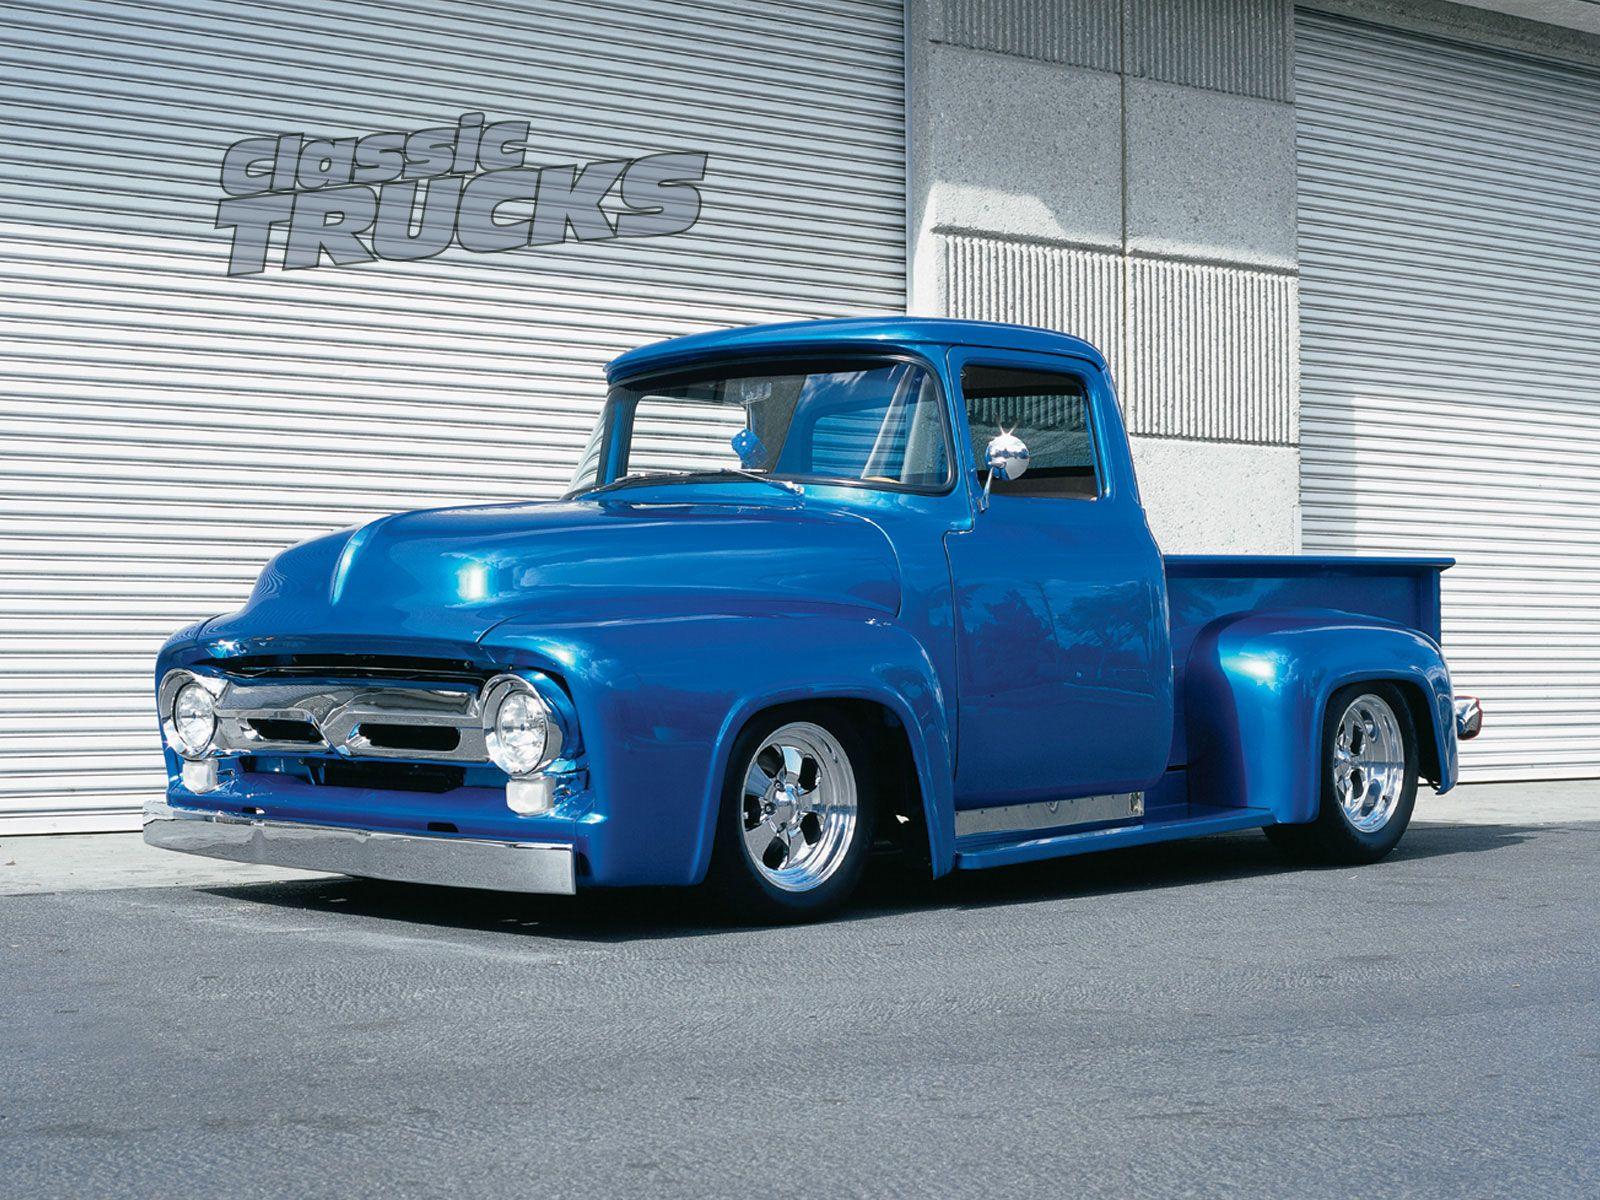 free desktop wallpapers 019 zclassic truck desktop wallpapers 1600x1200